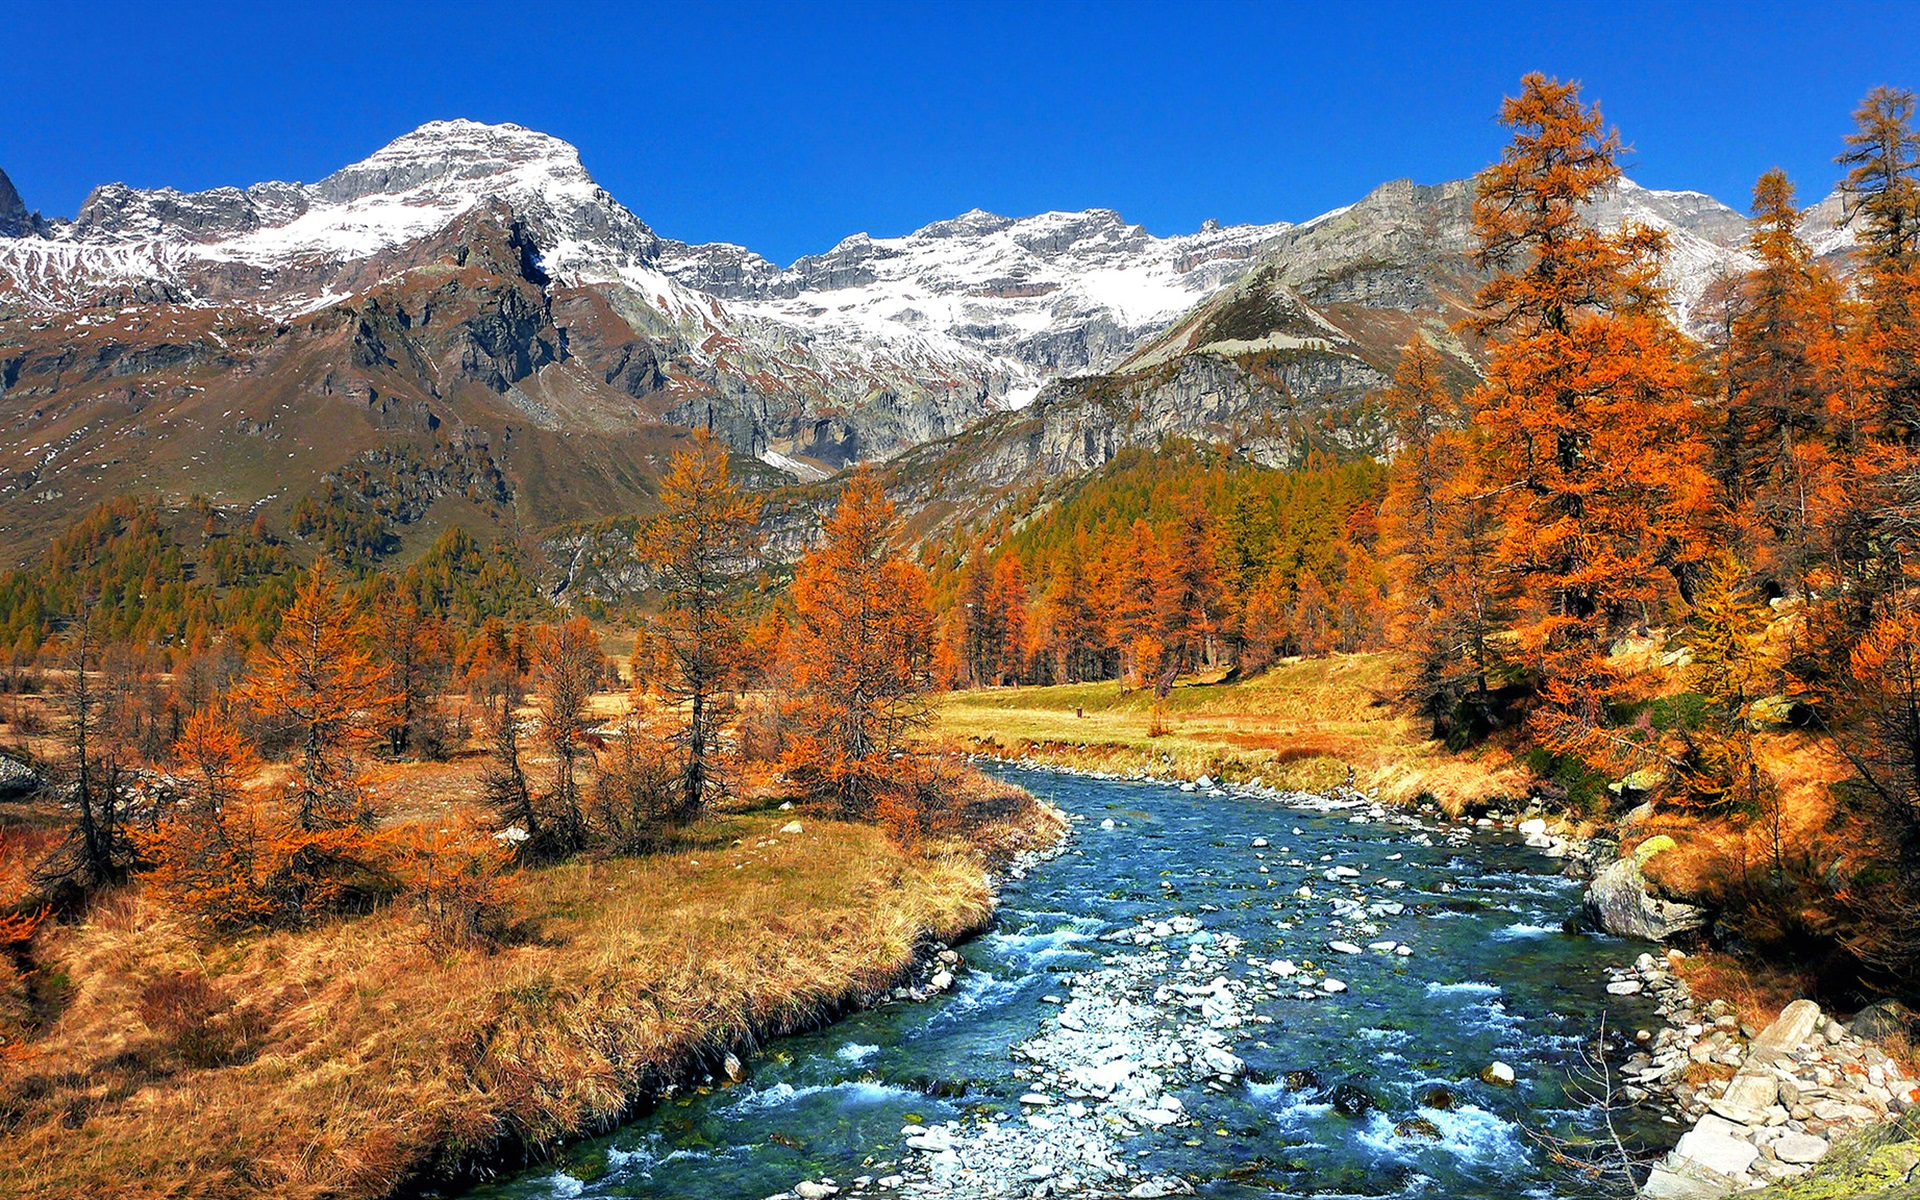 фото картинки природа в горах осень совместных